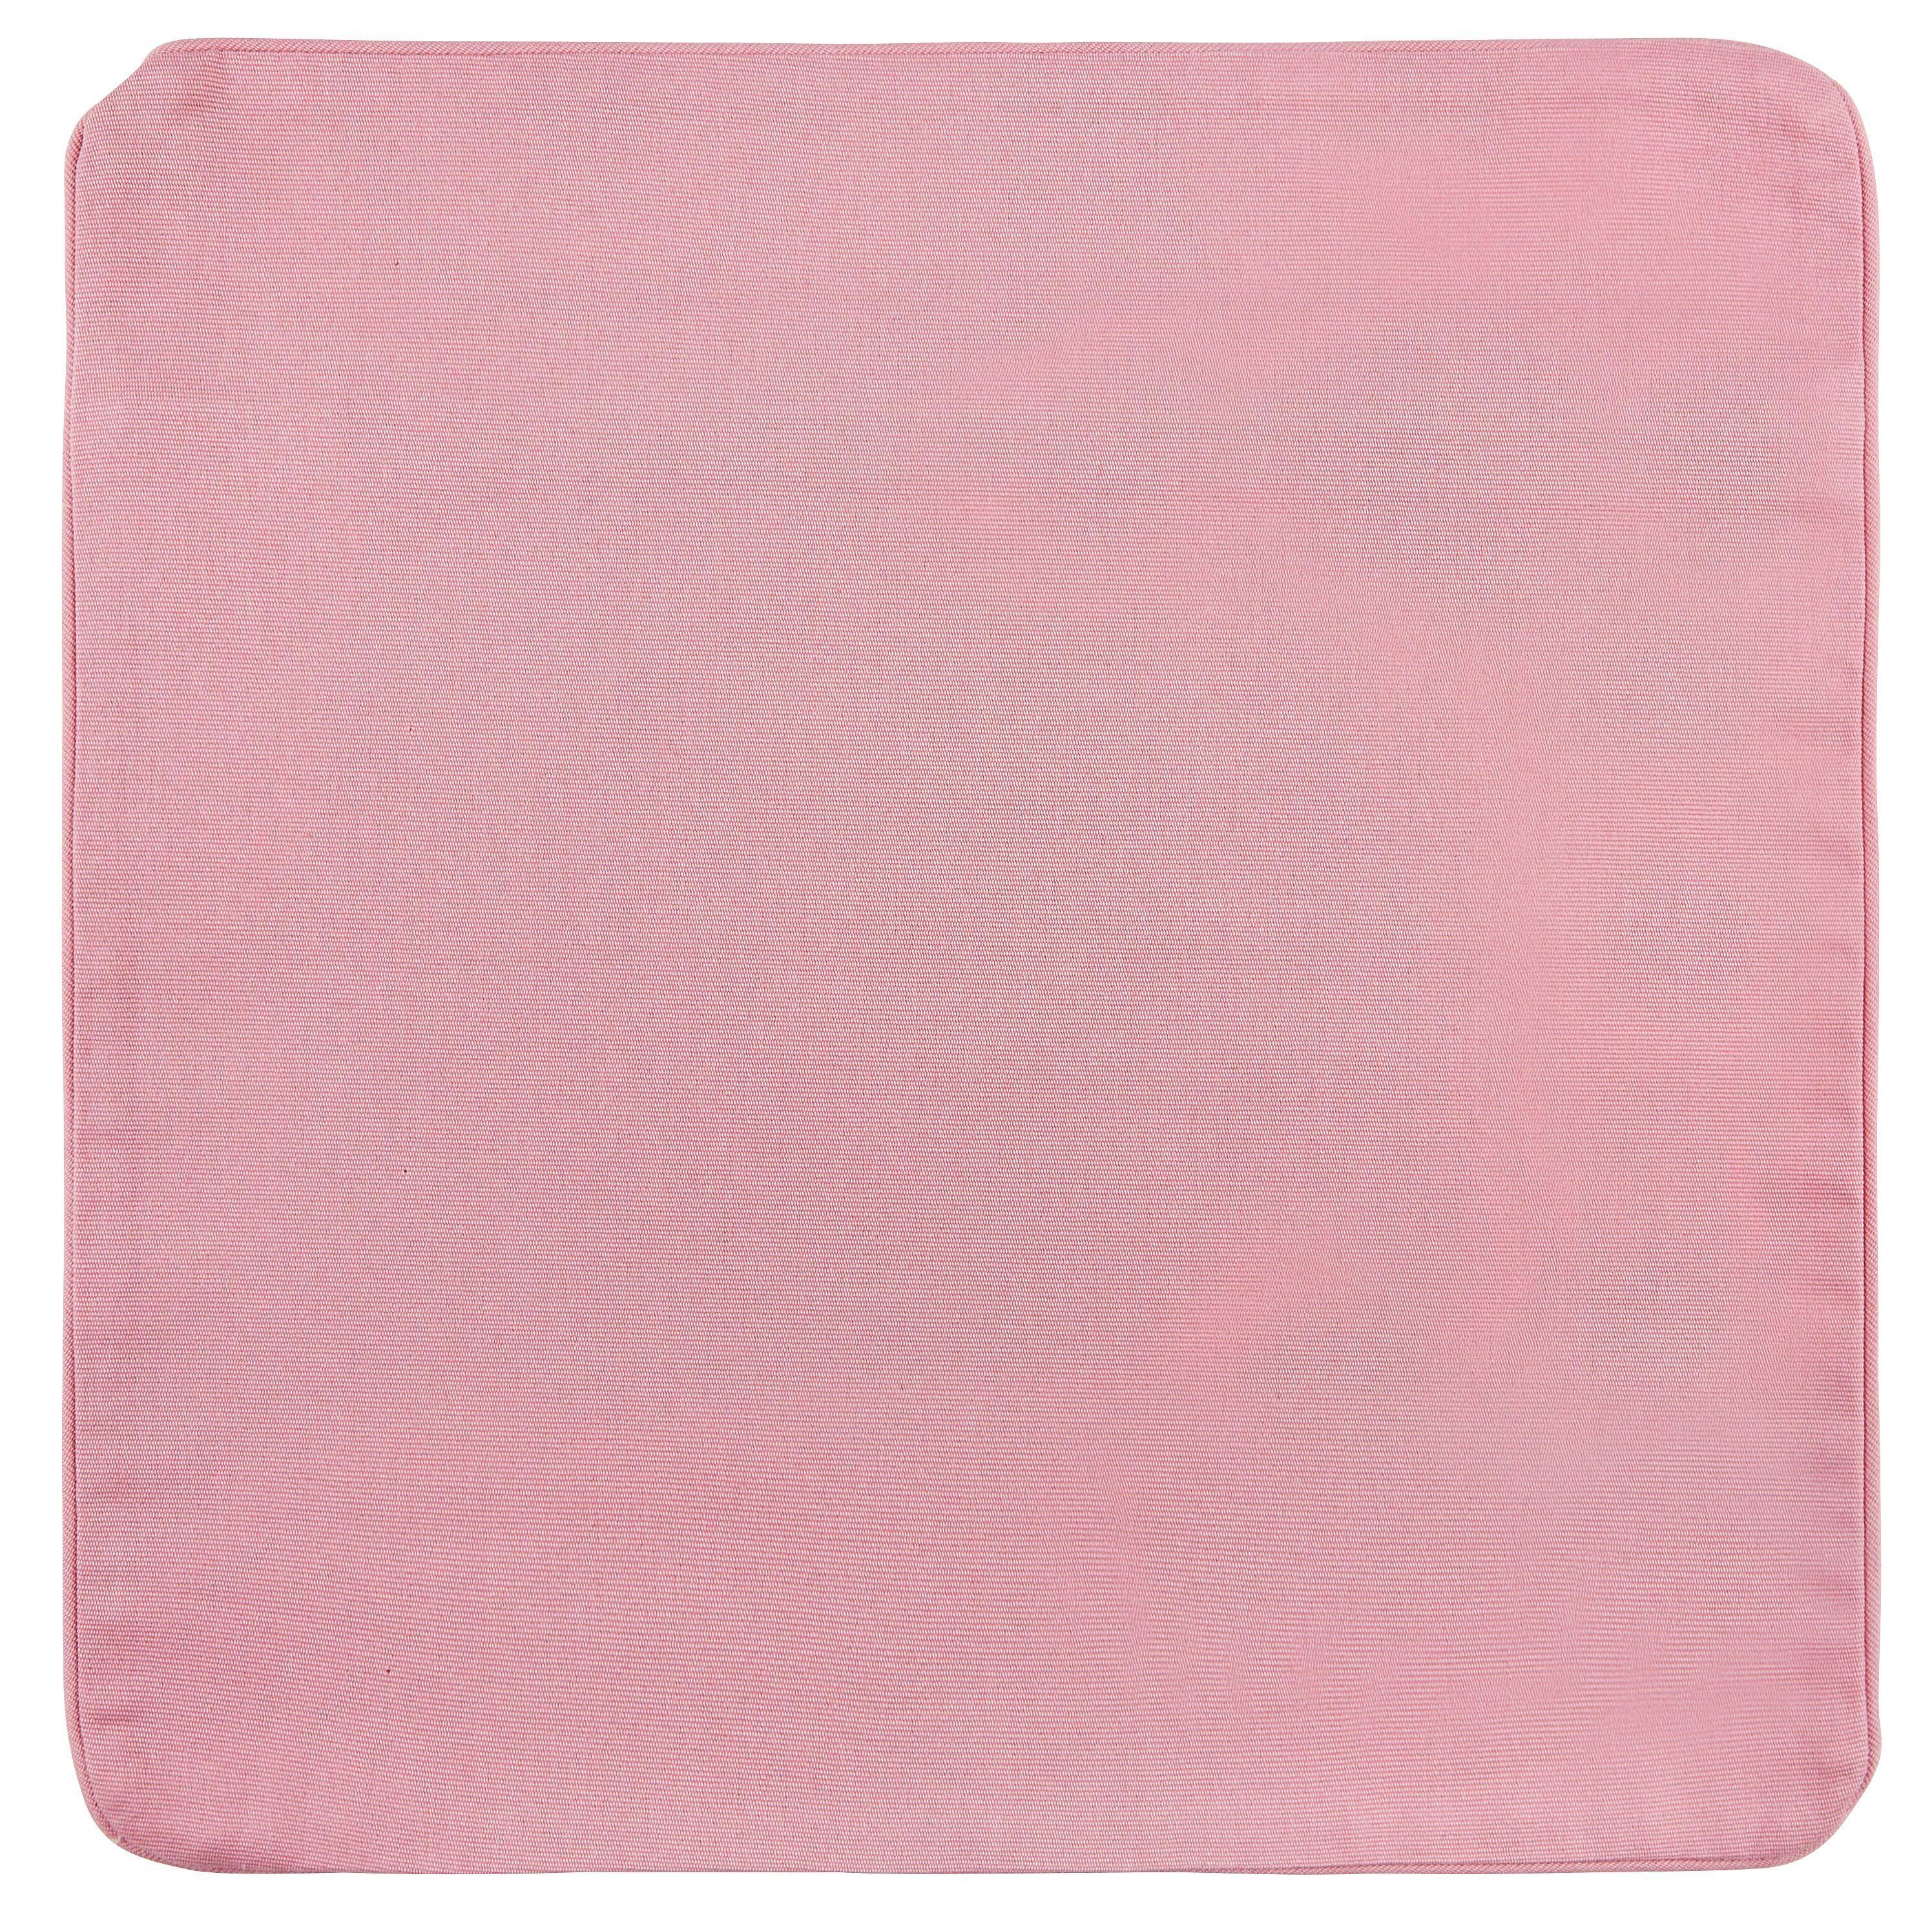 Párnahuzat Steffi - rózsaszín, textil (50/50cm) - MÖMAX modern living